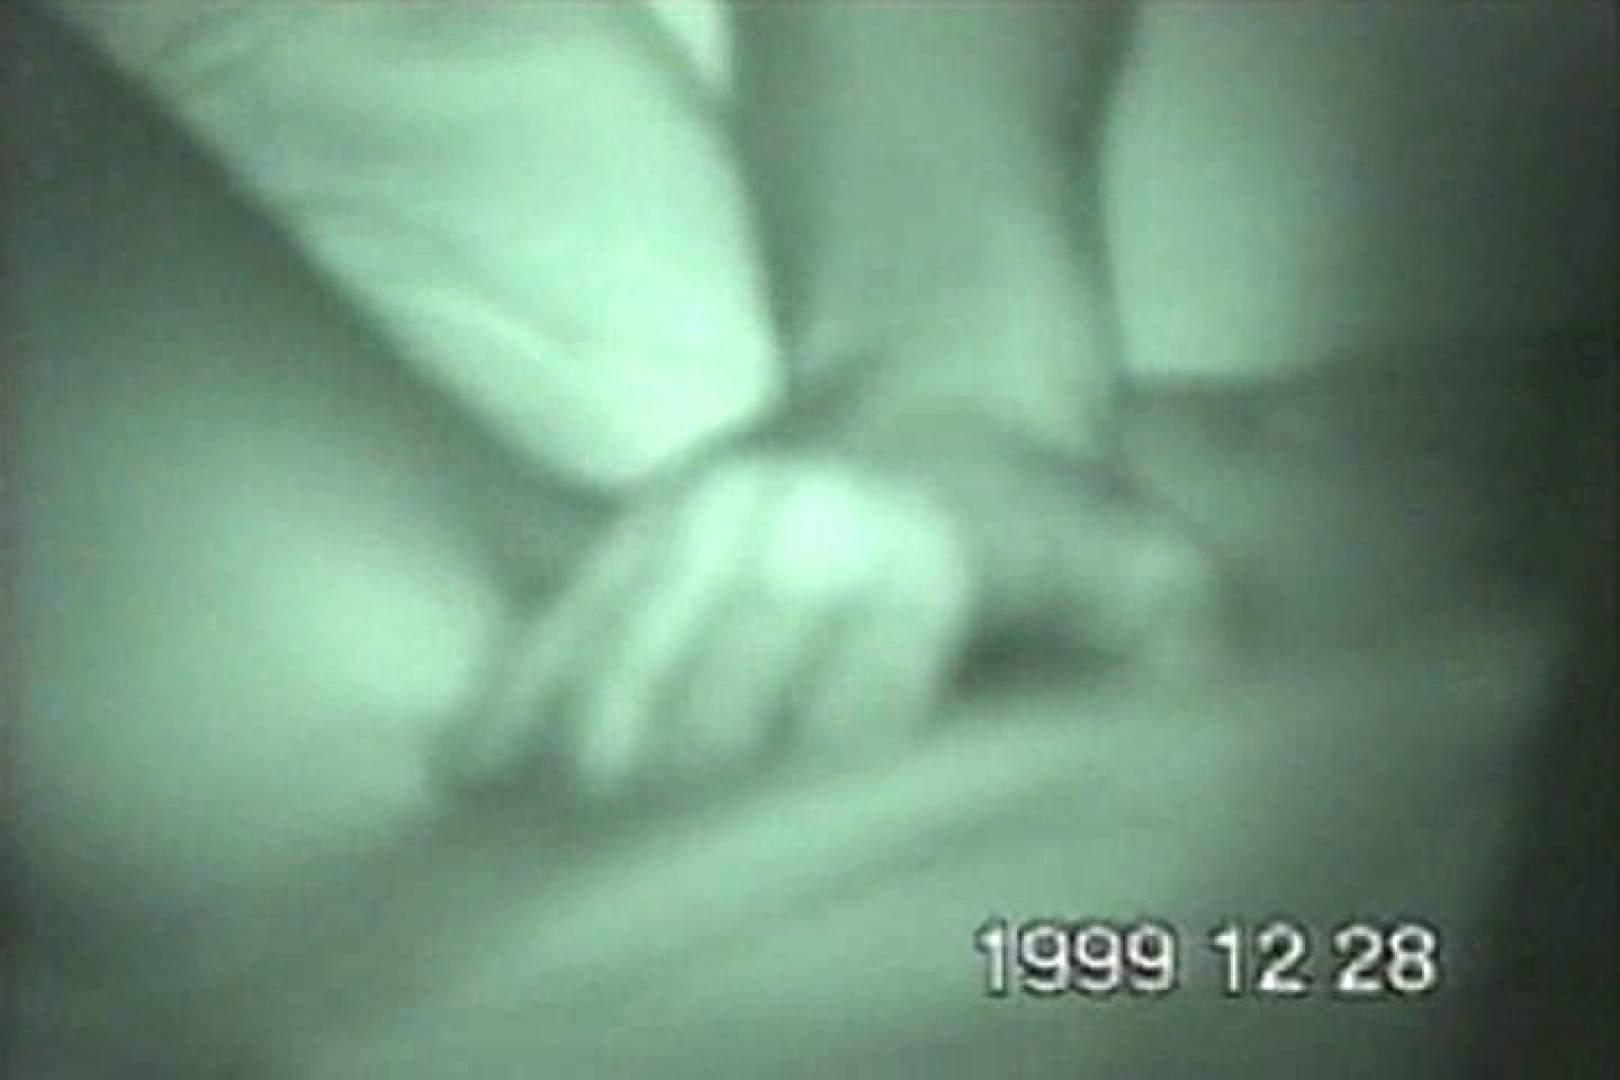 蔵出し!!赤外線カーセックスVol.11 カップル盗撮 SEX無修正画像 76画像 3